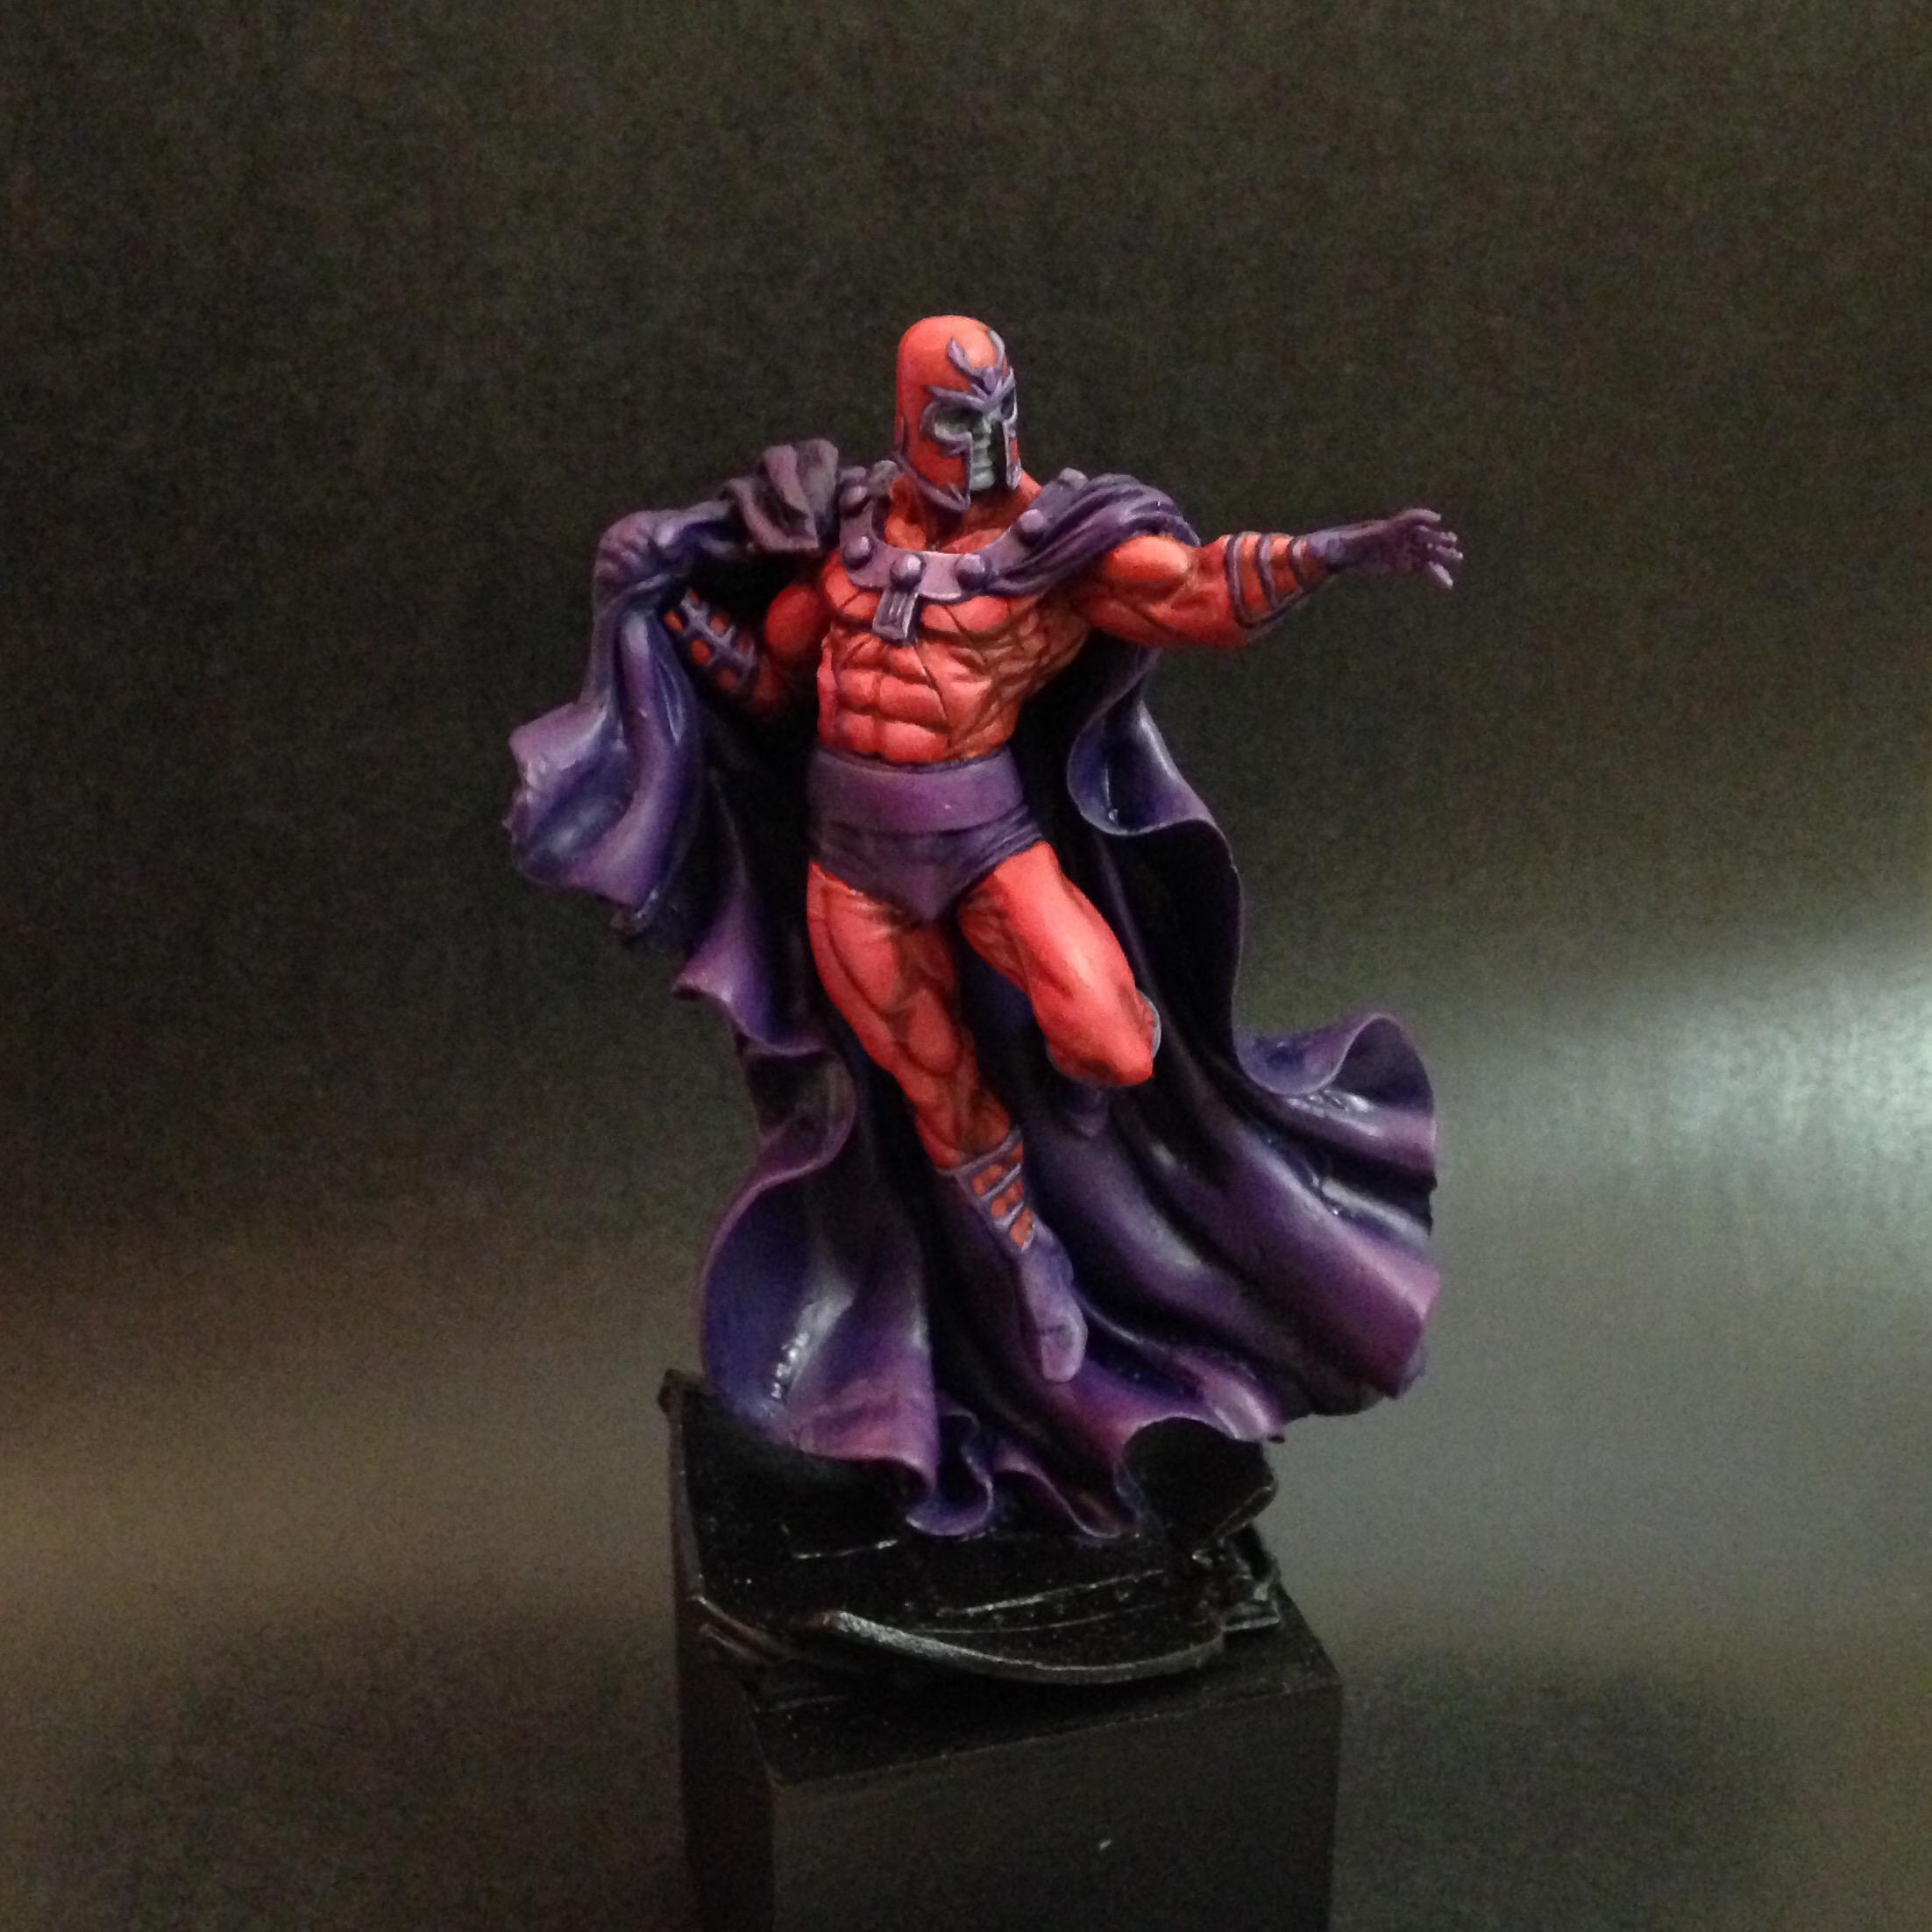 Magneto, Marvel, X-men